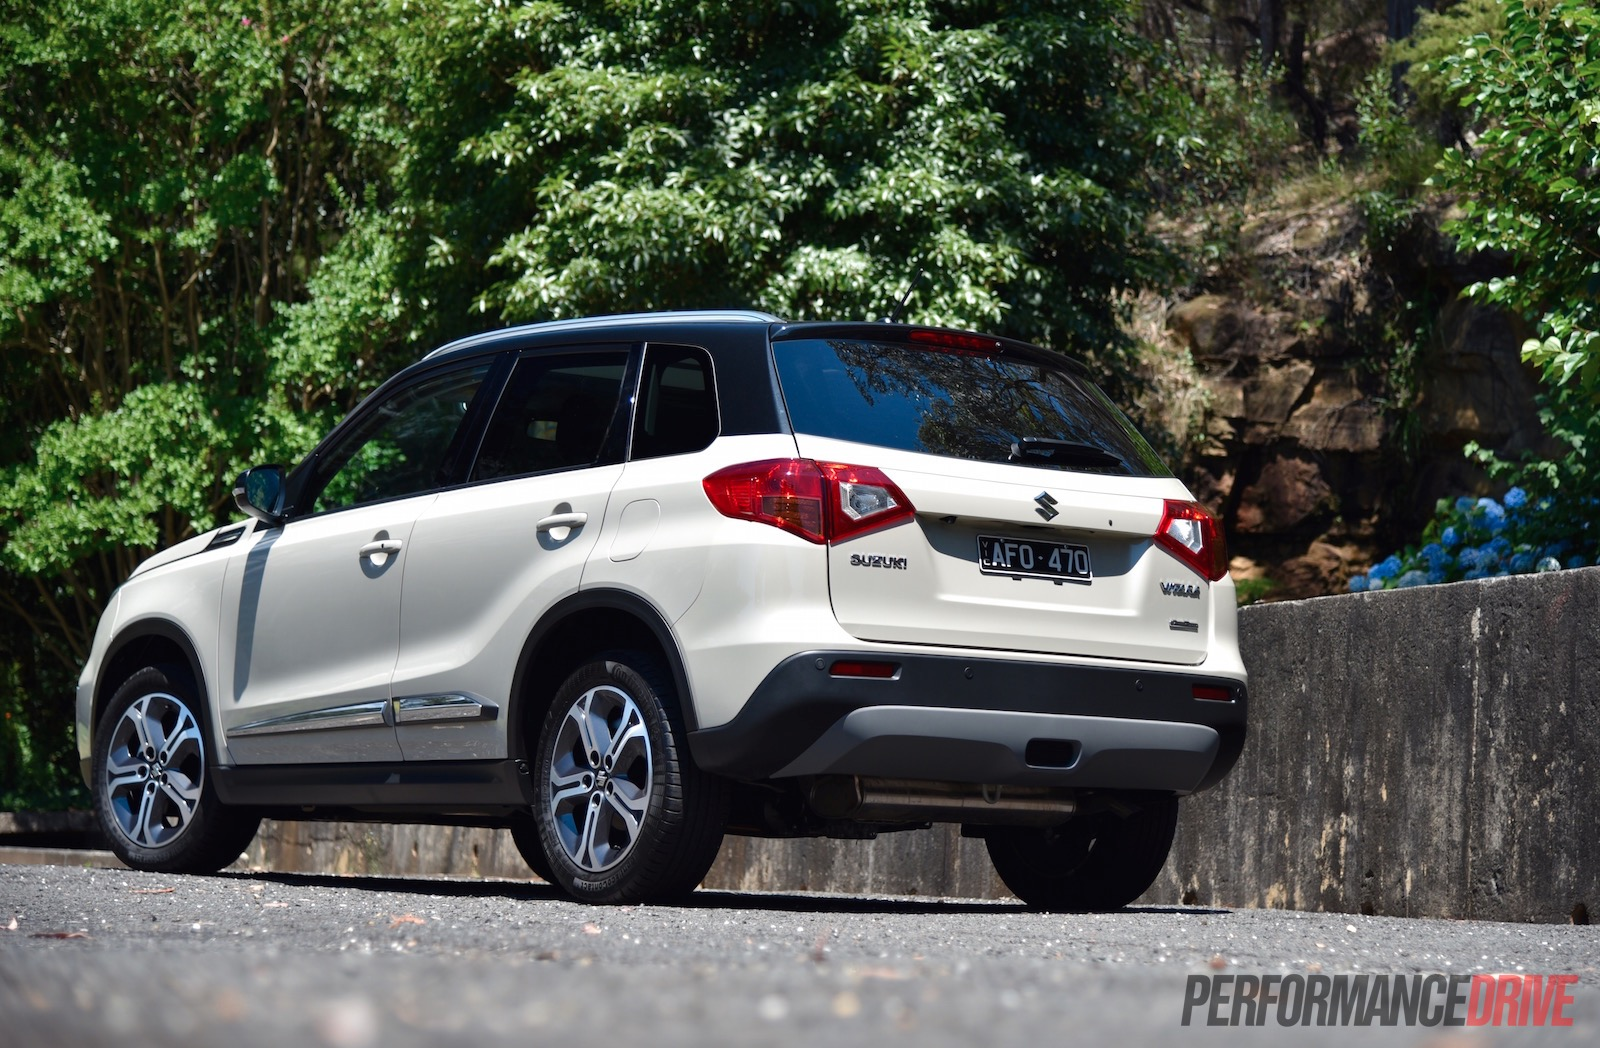 2016 Suzuki Vitara RT-X Review (video)